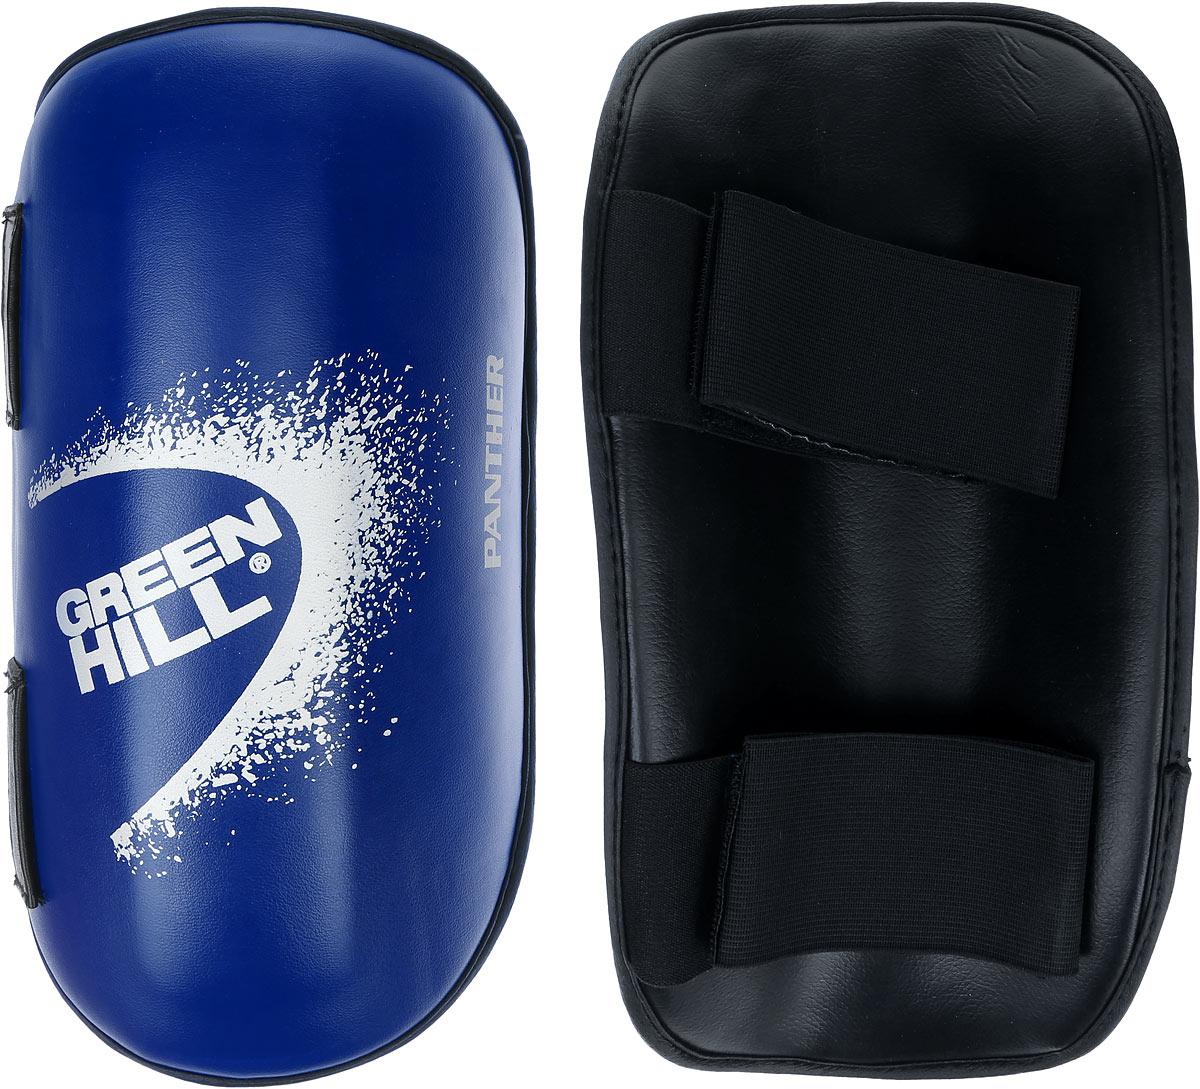 Защита голени Green Hill Panther, цвет: синий, белый. Размер XL. G-2123G-2123-XL/SPP-2124Защита голени Green Hill Panther с наполнителем, выполненным из вспененного полимера, необходима при занятиях спортом для защиты суставов от вывихов, ушибов и прочих повреждений. Накладки выполнены из высококачественной искусственной кожи. Закрепляются на ноге при помощи эластичных лент и липучек. Длина голени: 36 см. Ширина голени: 13,5 см.